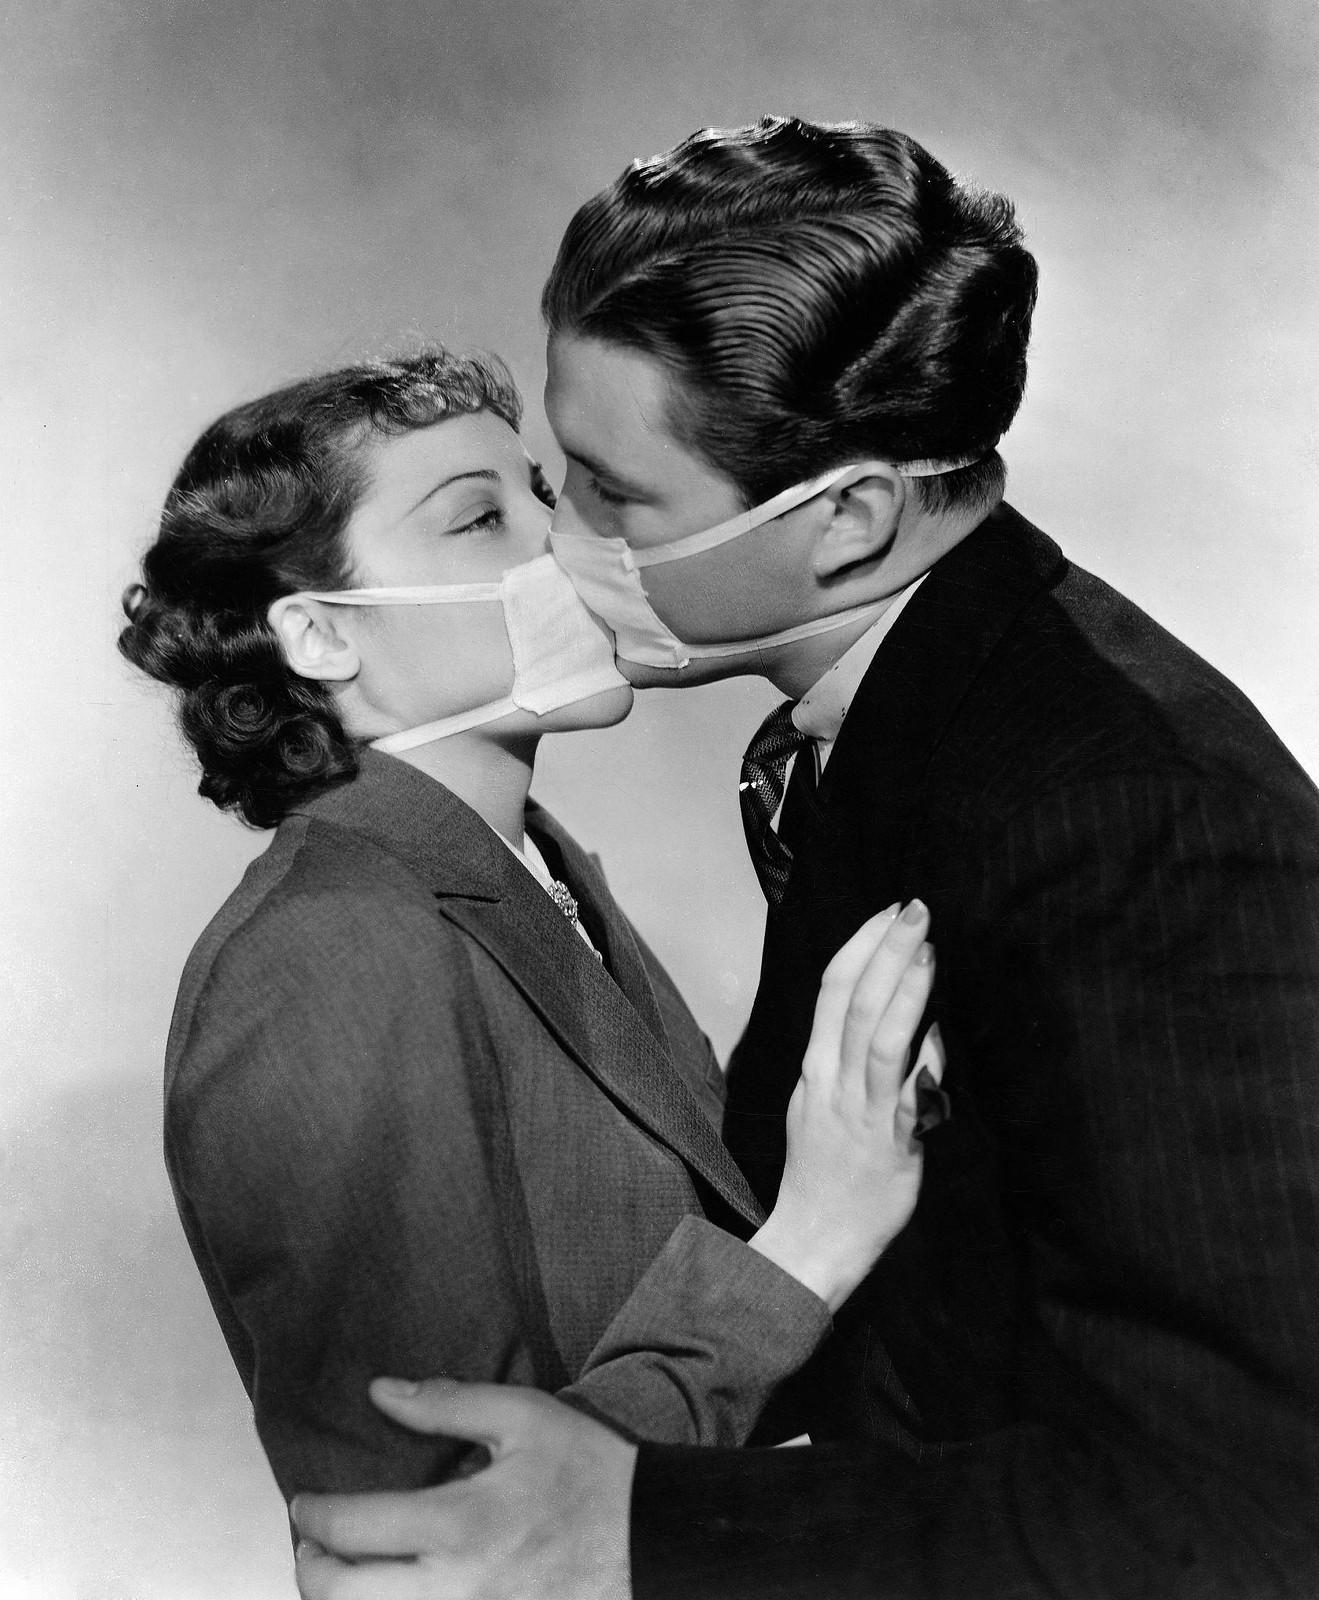 1937. Актеры в Голливуде надевают маски, чтобы предотвратить заражение вирусами гриппа при съемках поцелуя